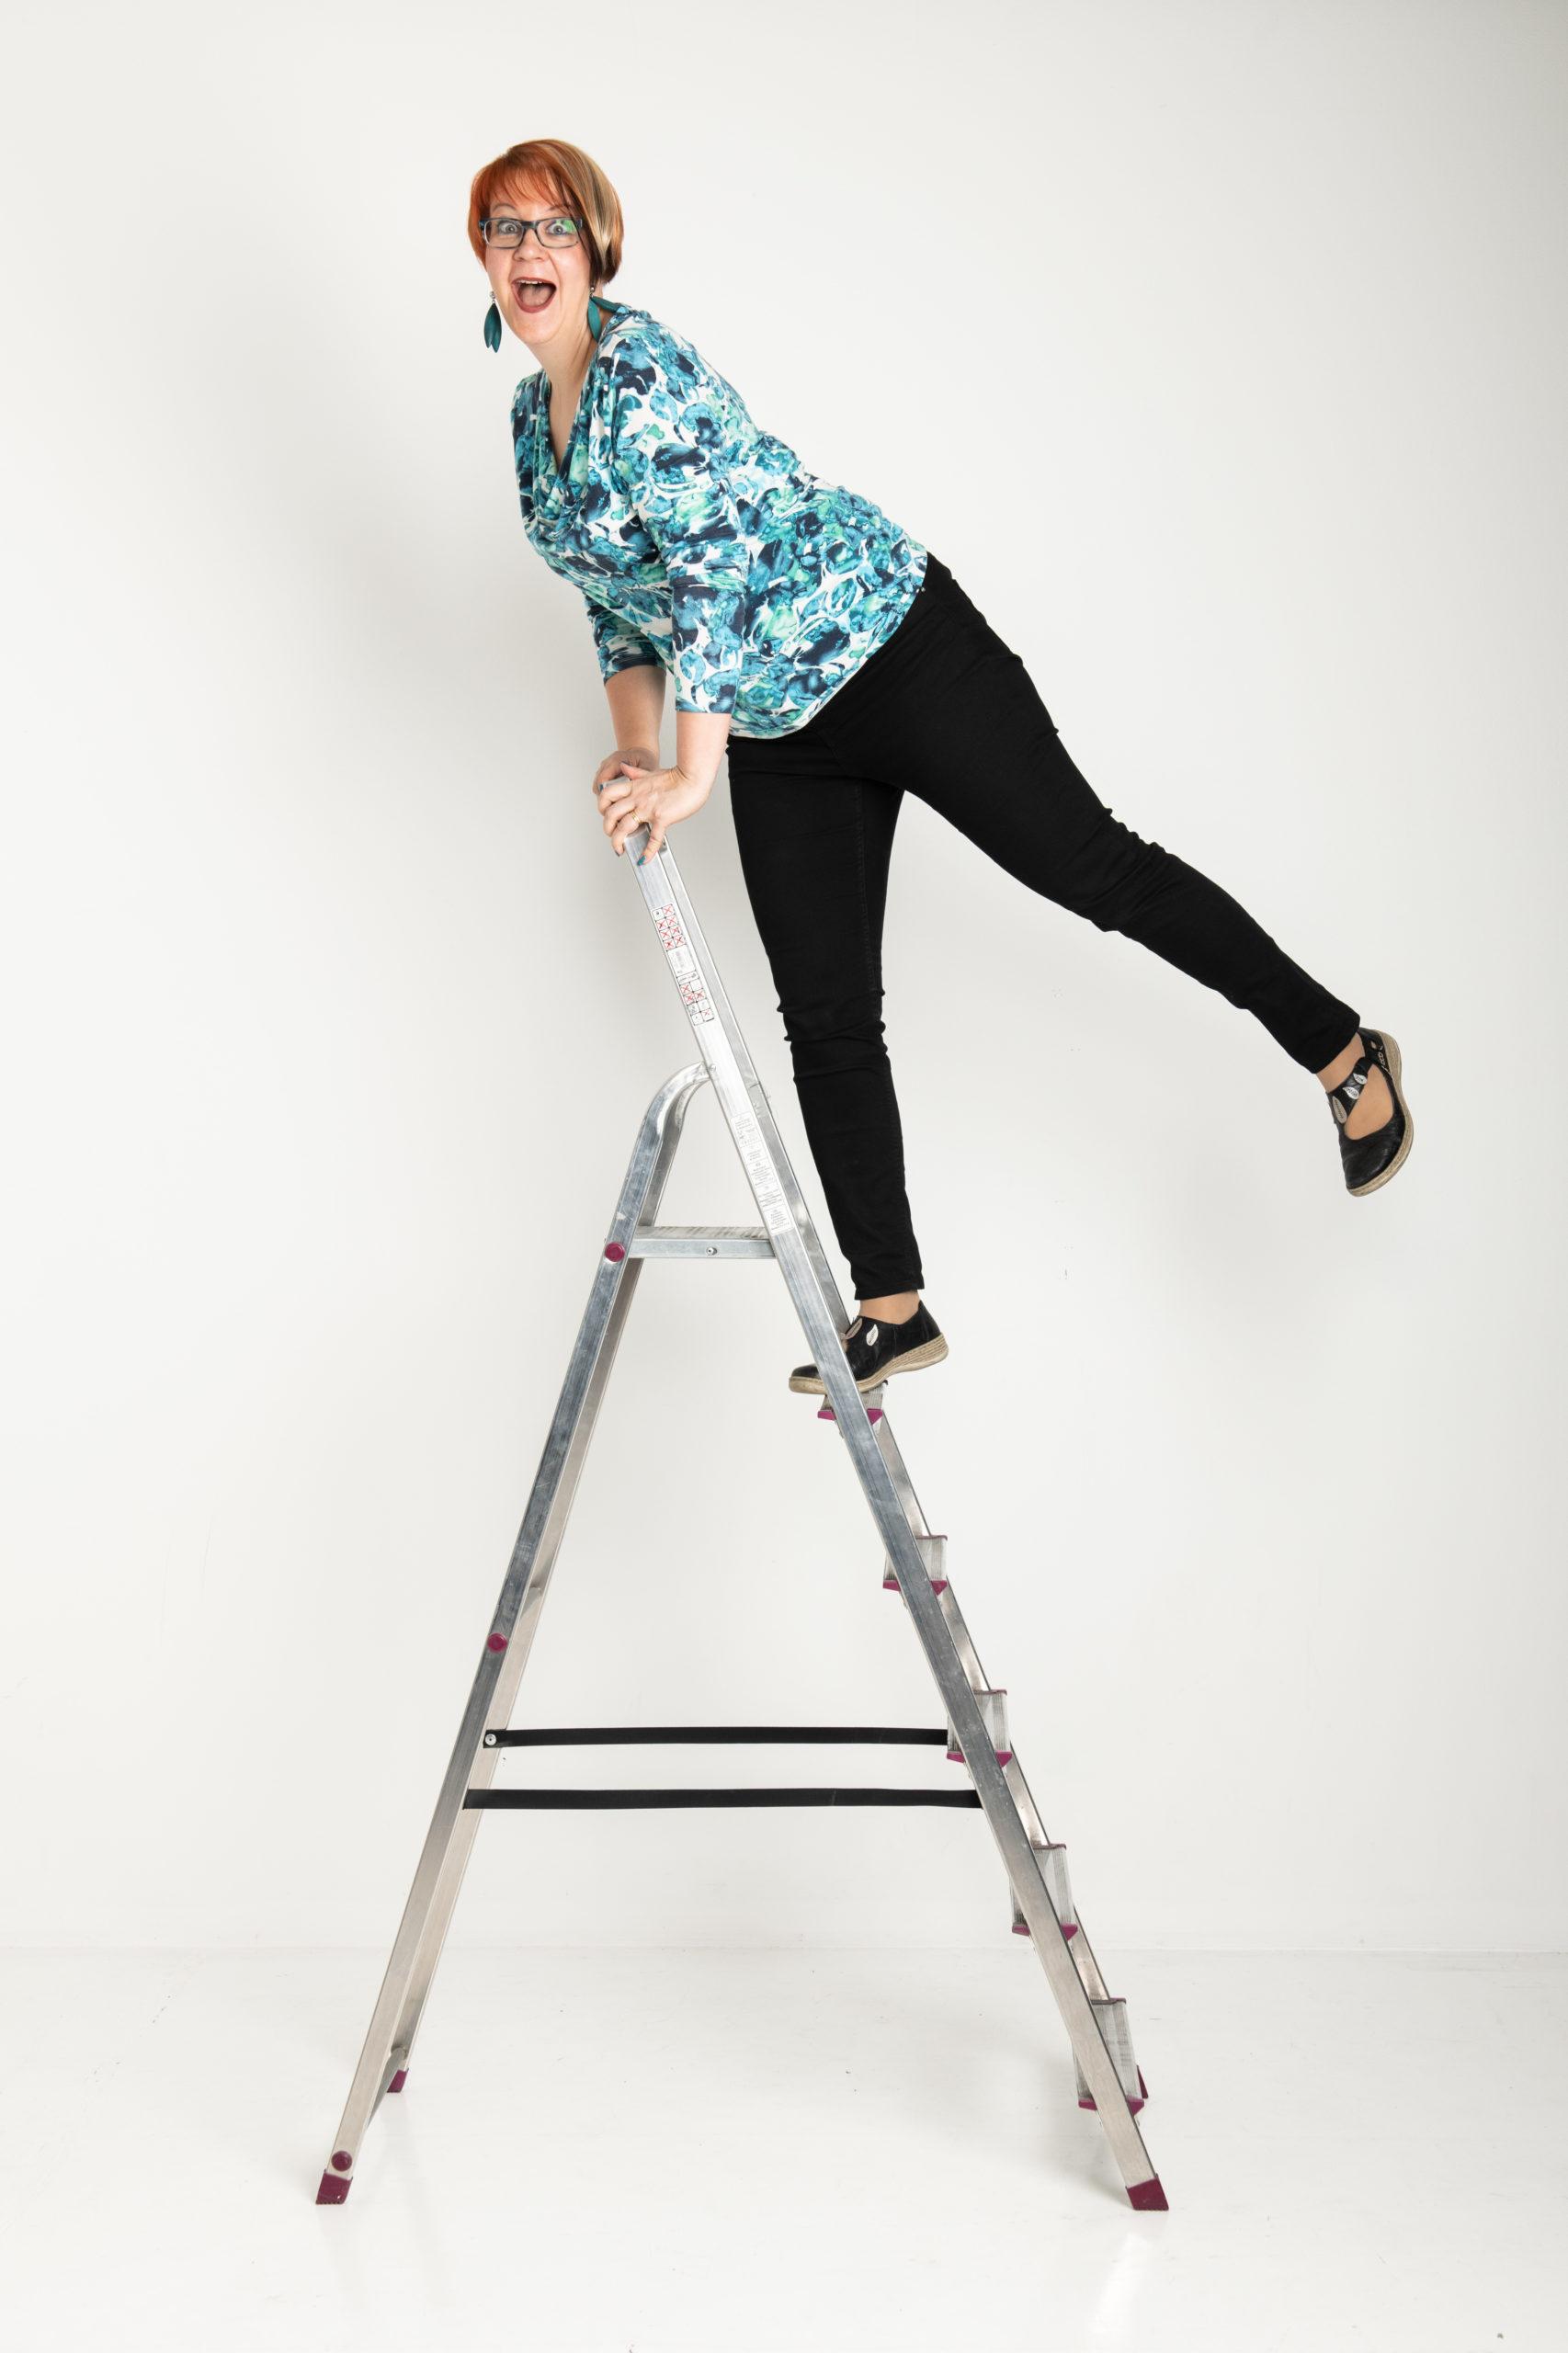 Henkilö nauraa tikkaiden huipulla.